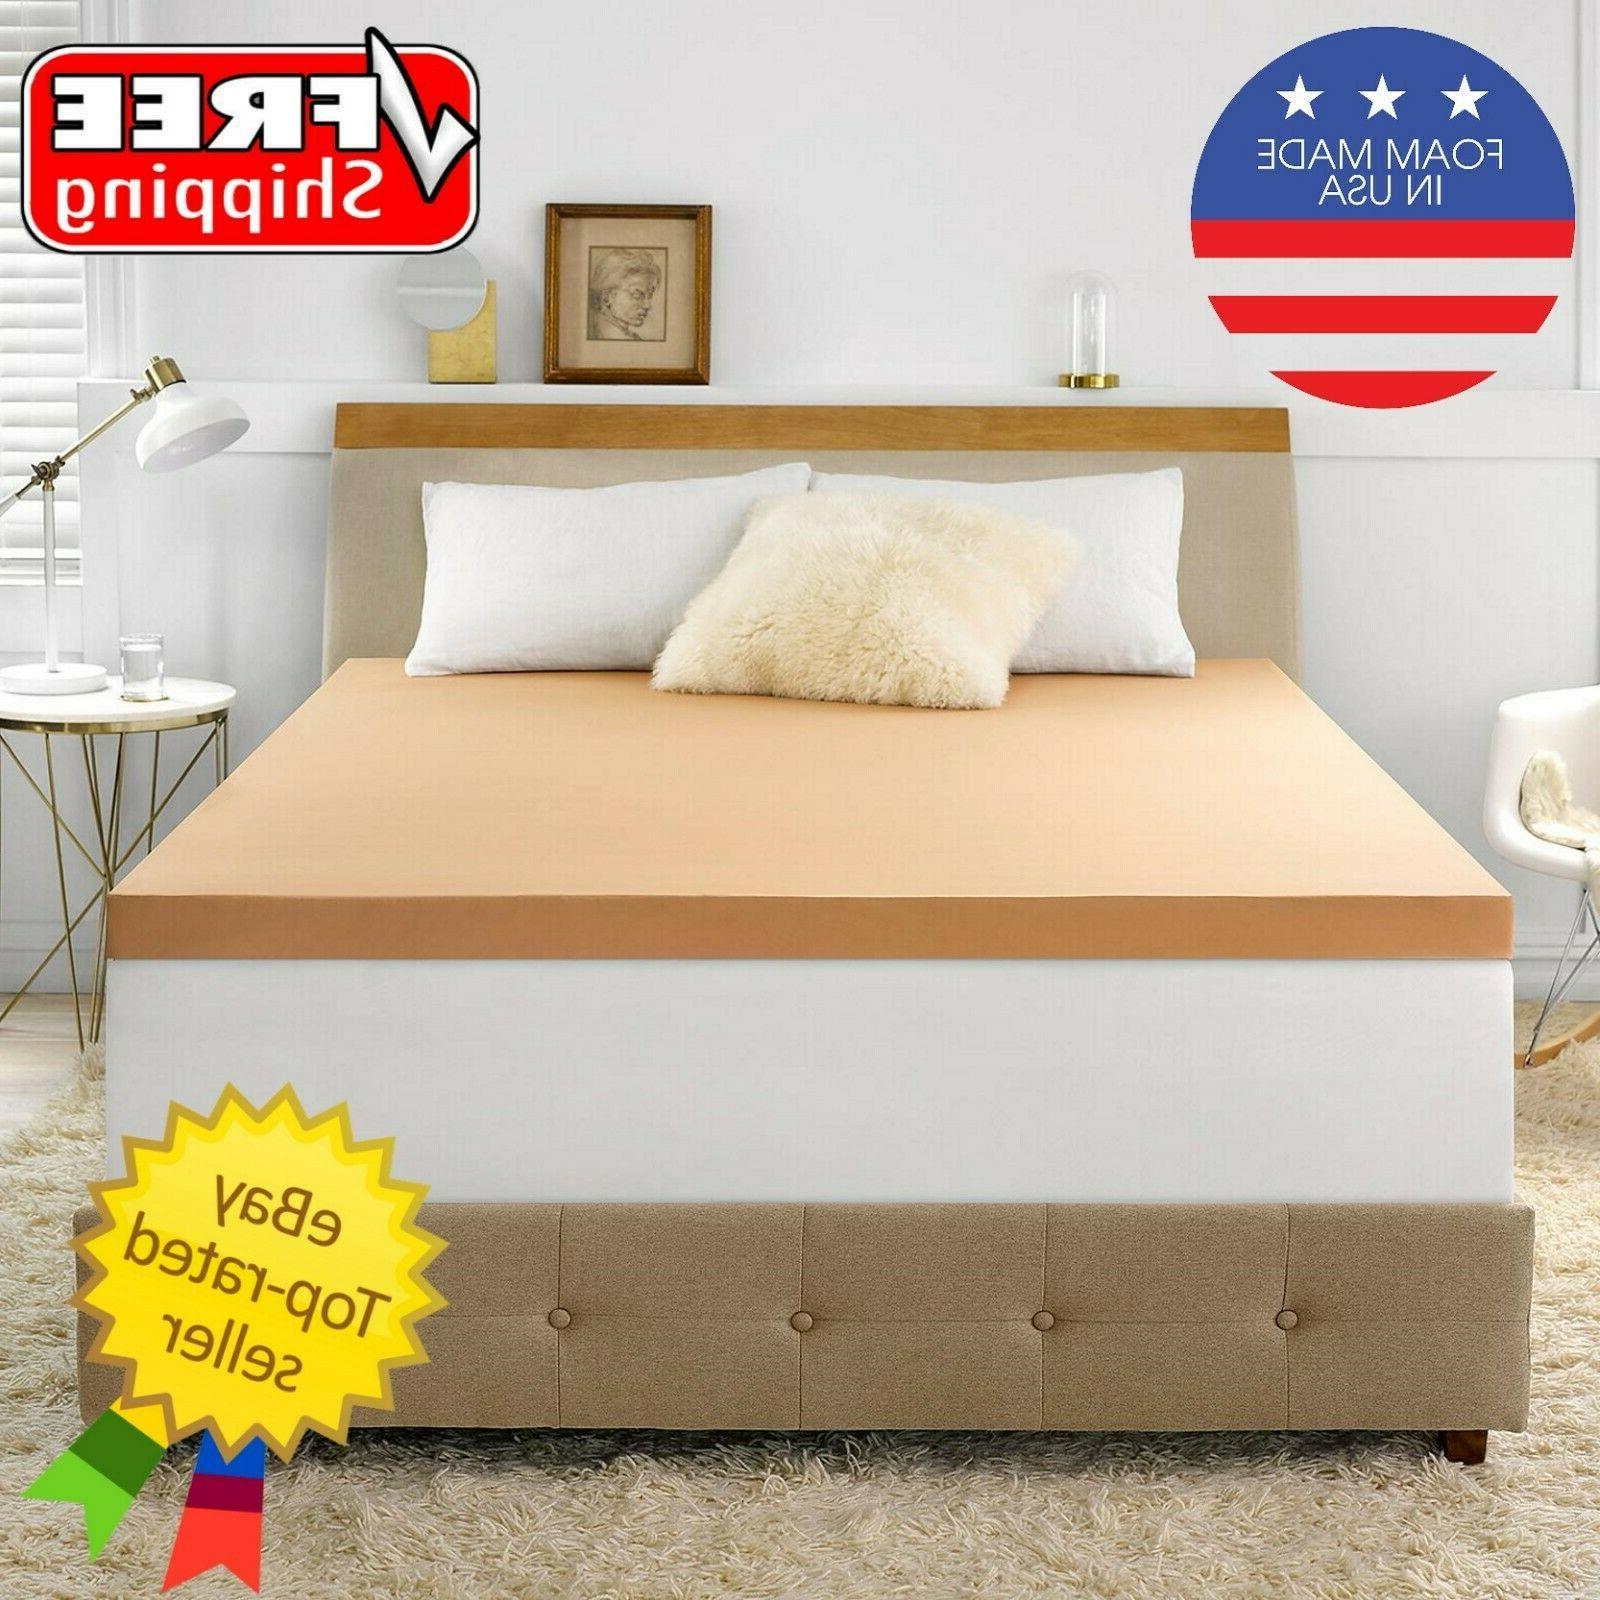 back support 3 advanced foam mattress topper